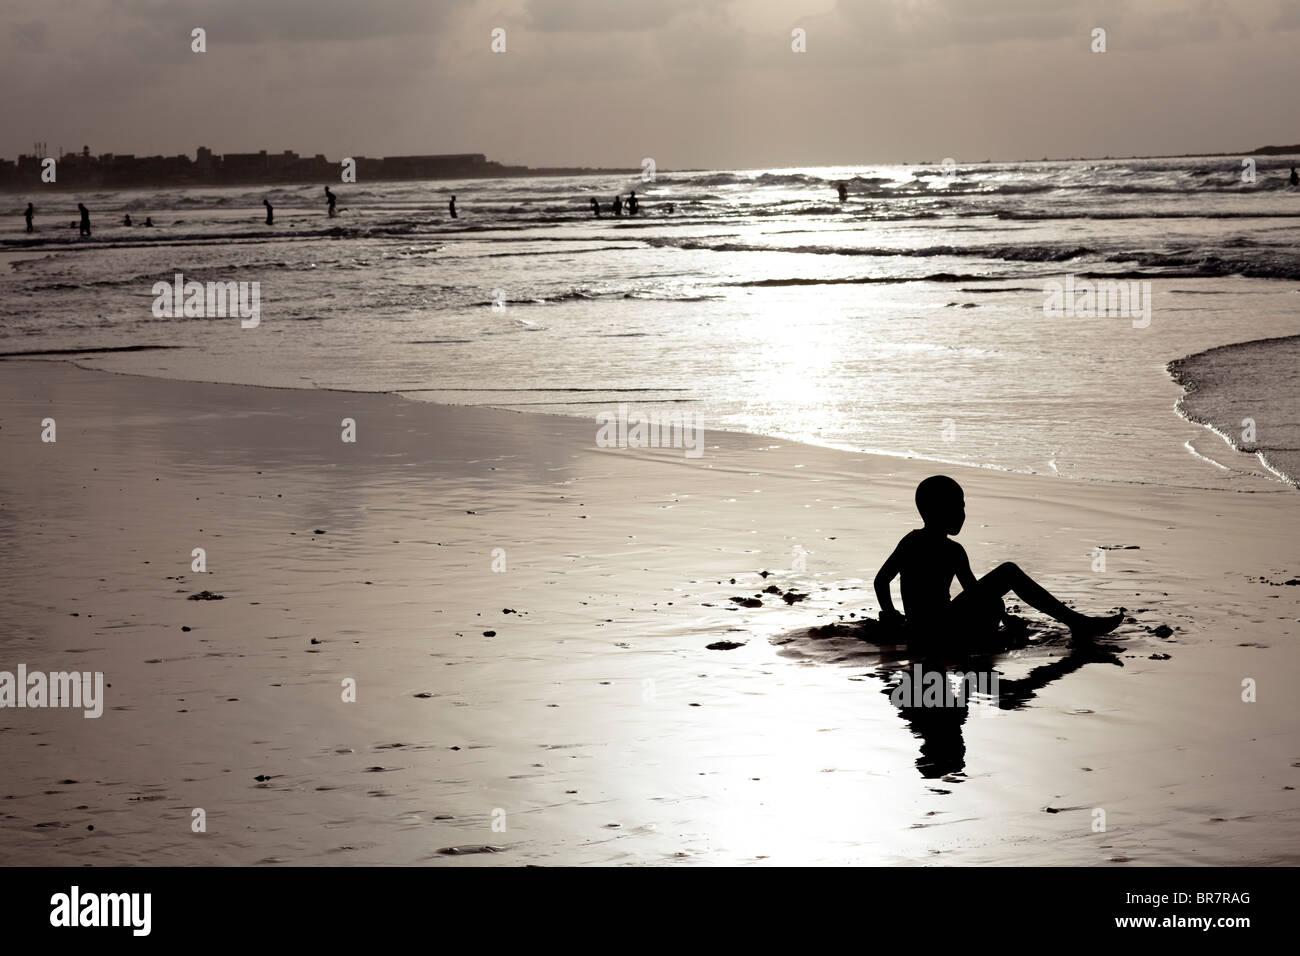 La spiaggia e la vita sull'isola, Dakar, Senegal Africa Immagini Stock